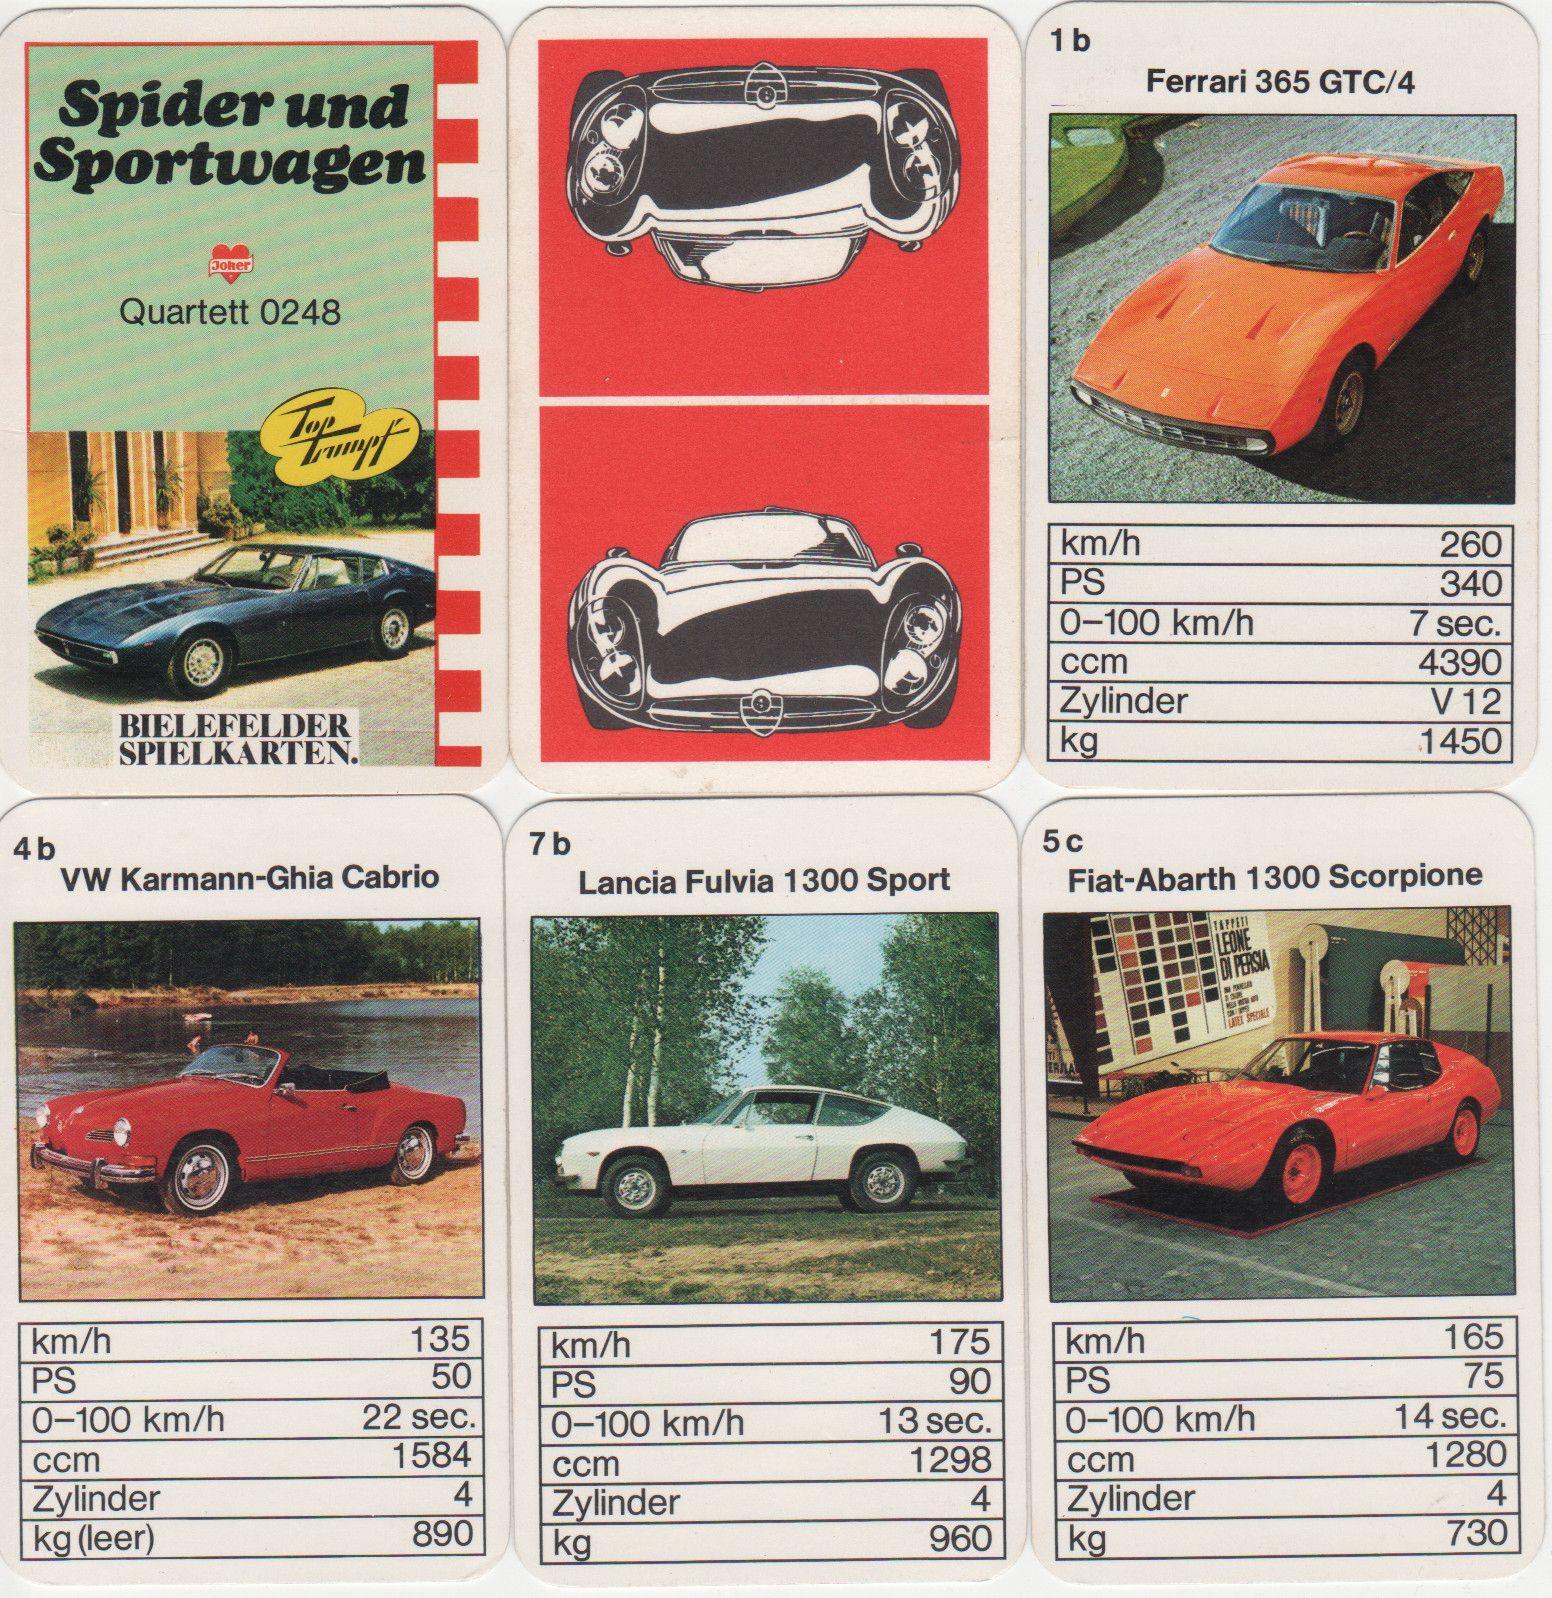 bi-0248_spider_und_sportwagen_bielefelder_maserati-ghibli_top-trumpf-autoquartett-fiat-abarth-scorpione-lancia-fulvia Extraordinary Lamborghini Countach Schwer Zu Fahren Cars Trend